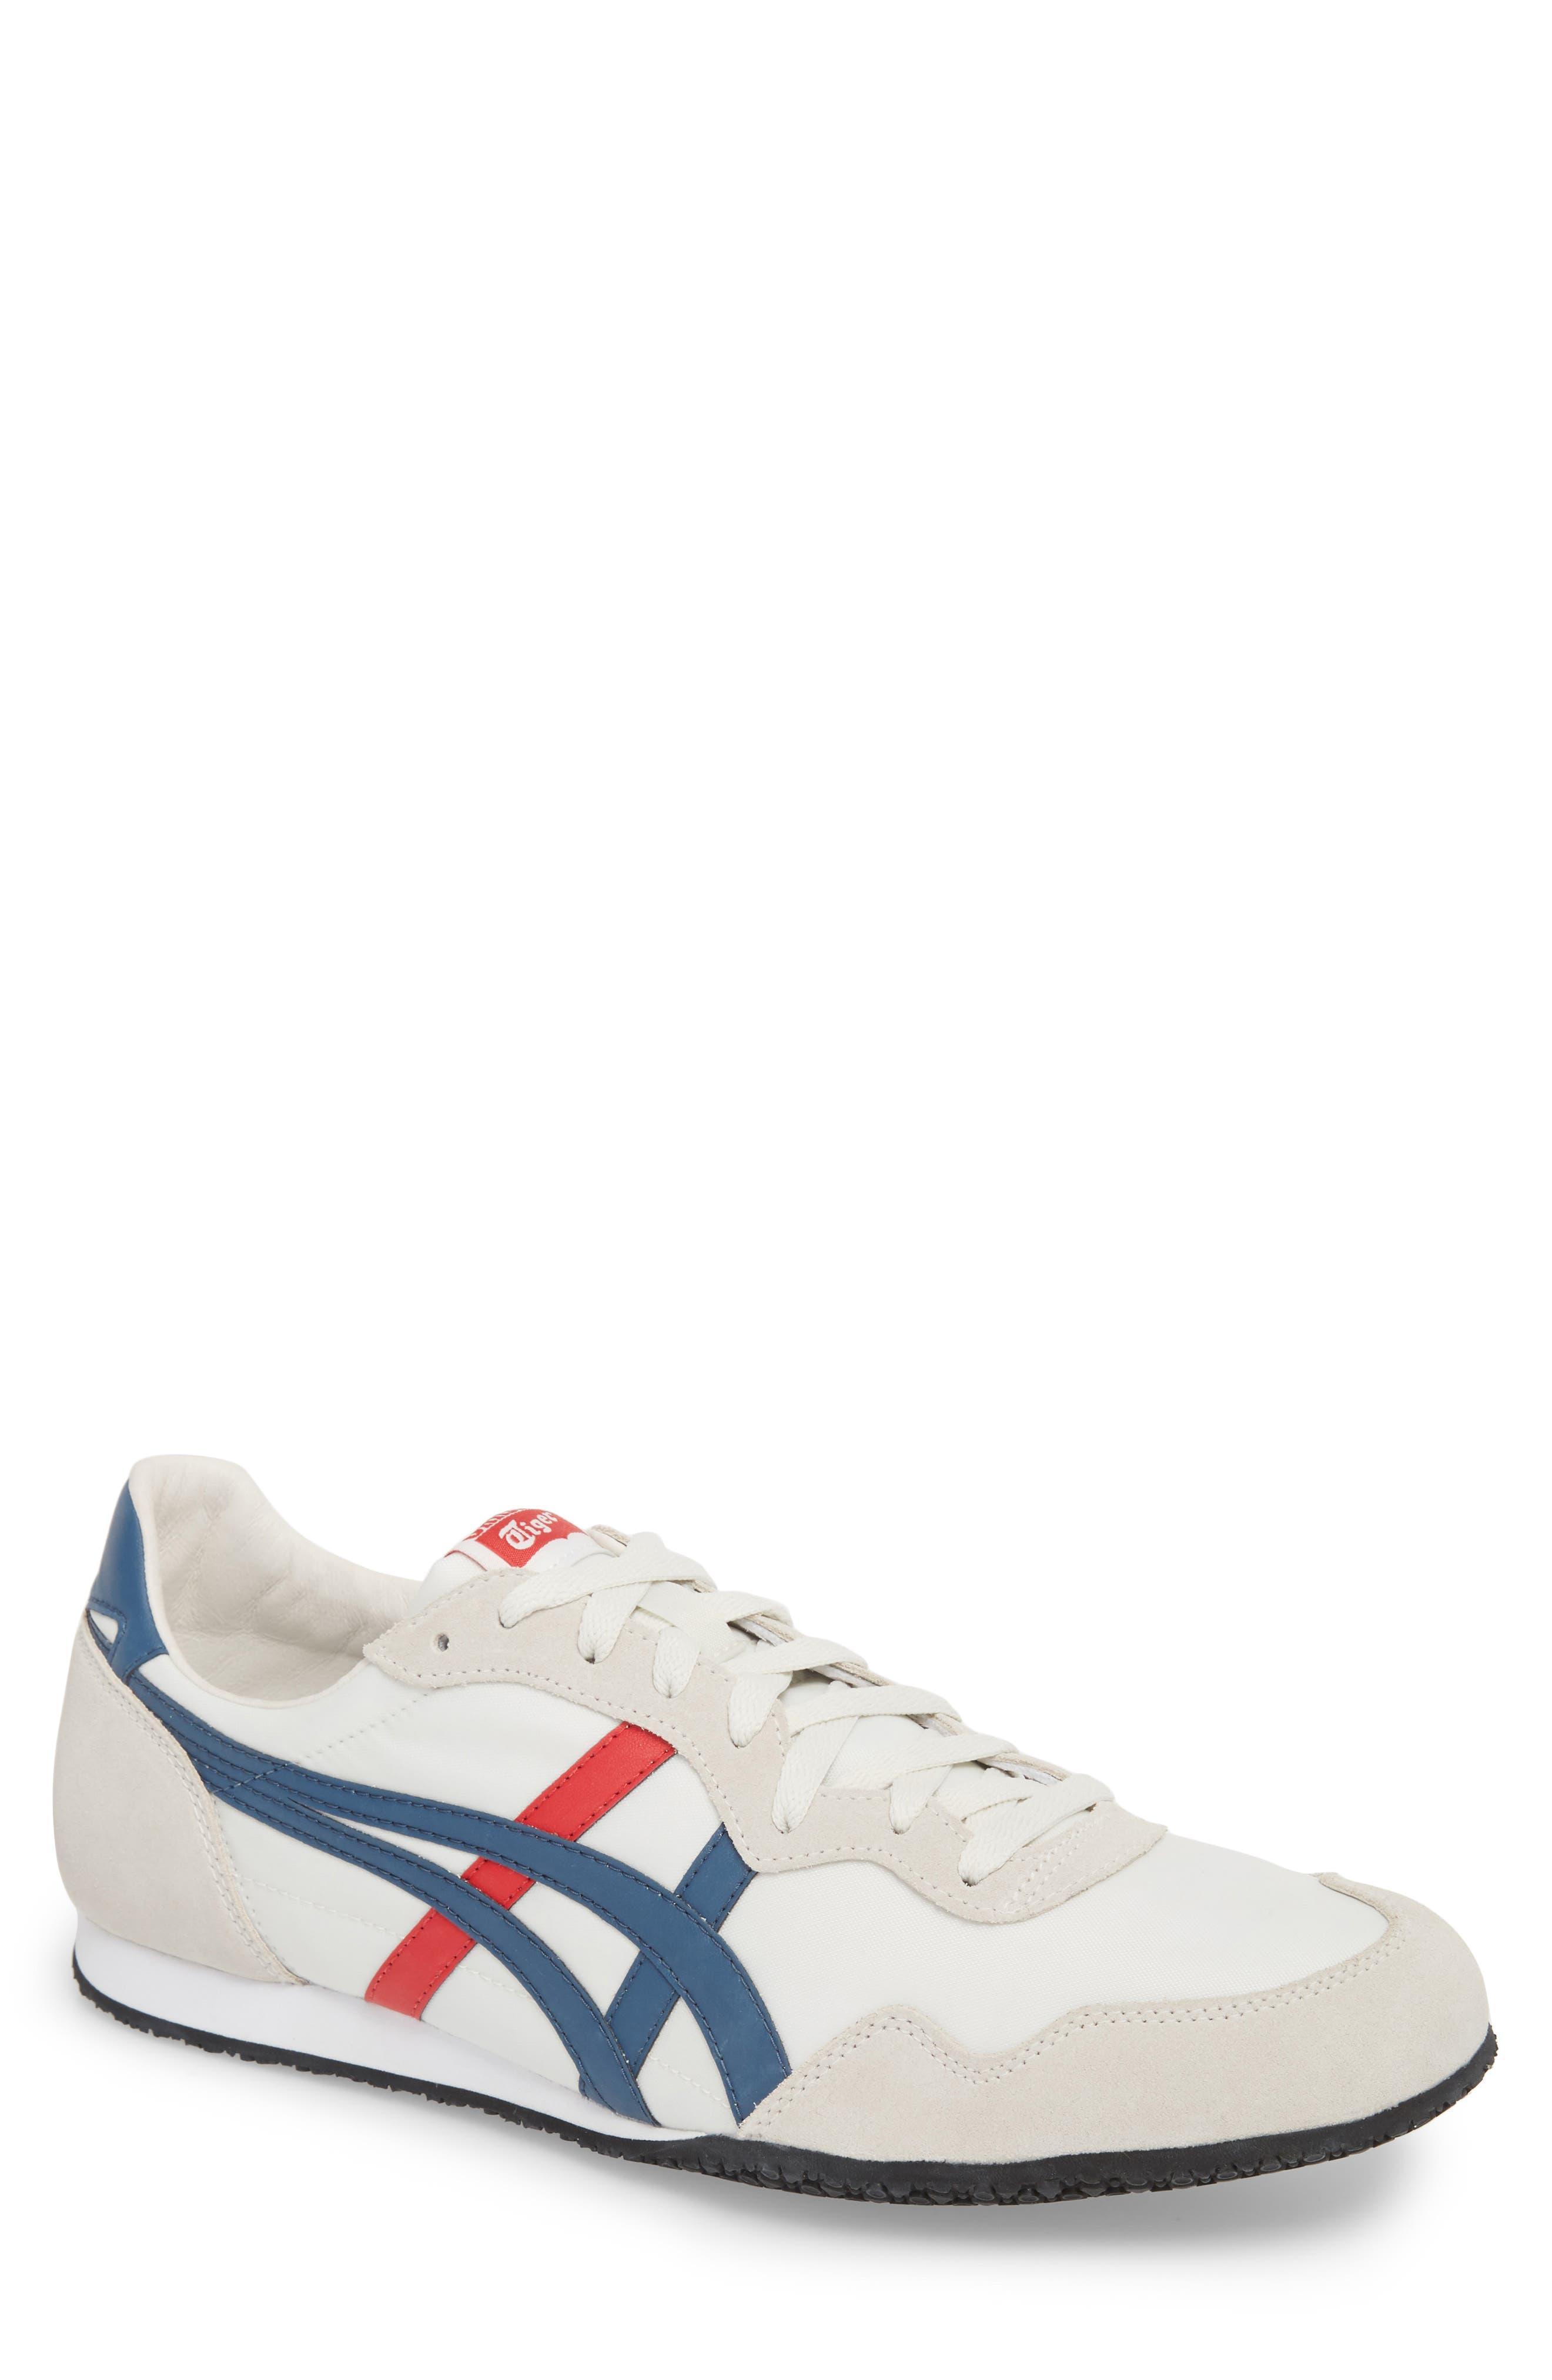 'Serrano' Sneaker,                         Main,                         color, White/ Mallard Blue